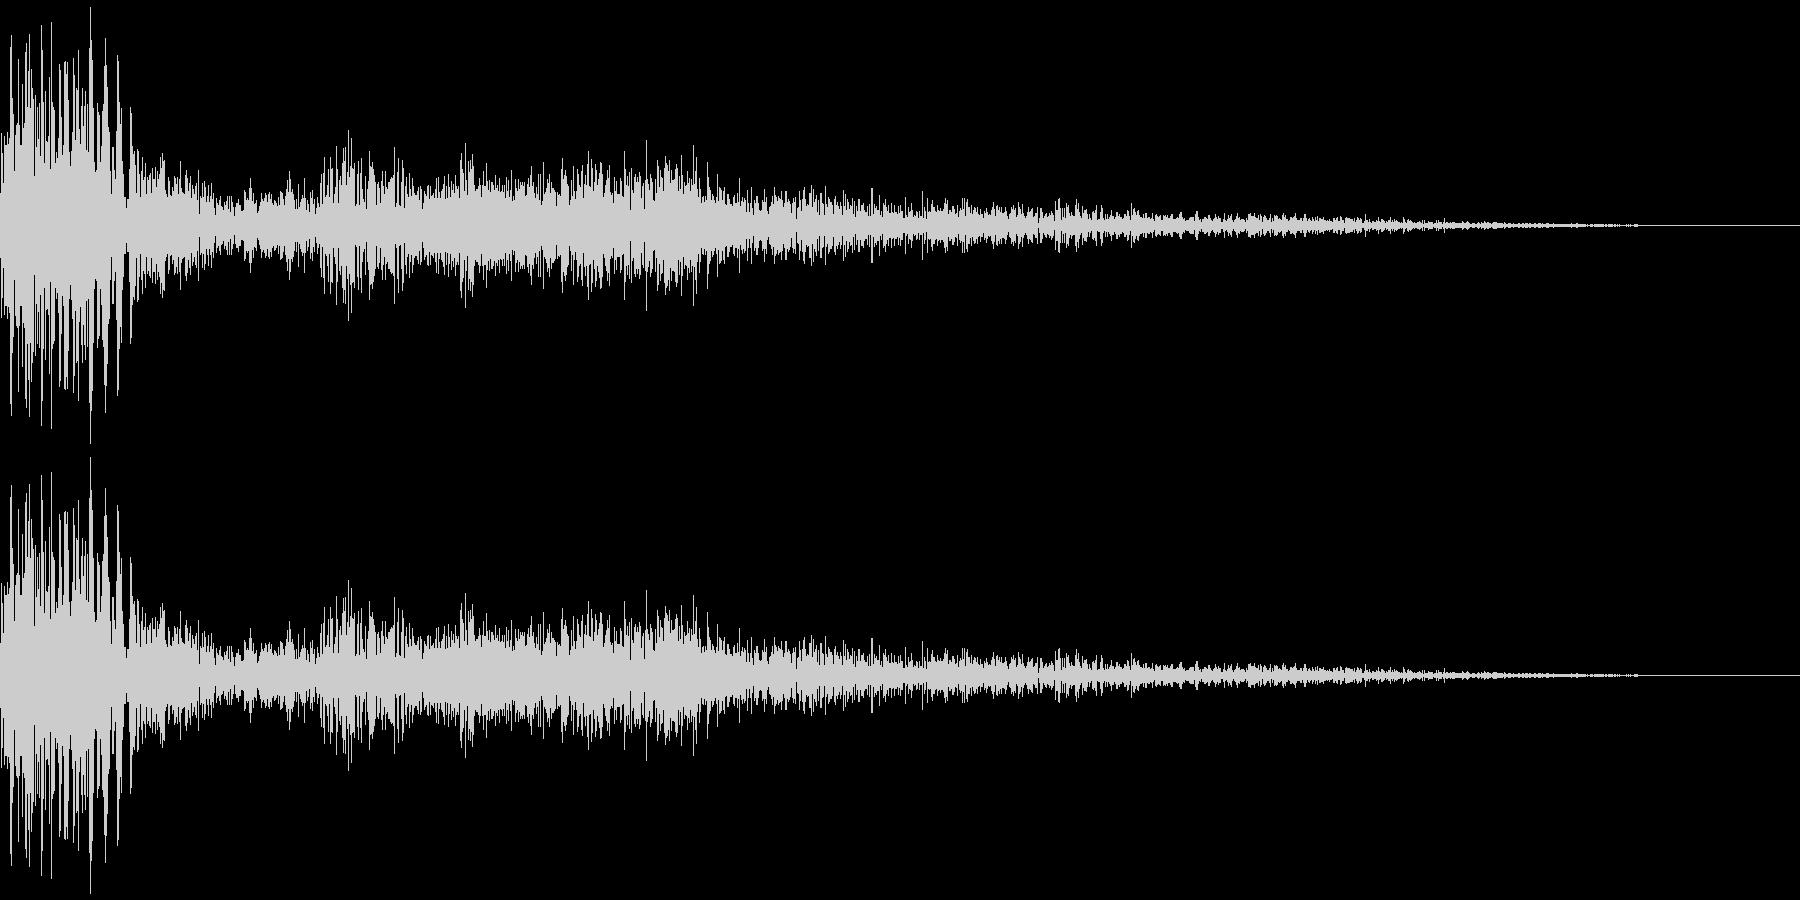 ズさっ(スライディングや踏ん張る足音)の未再生の波形